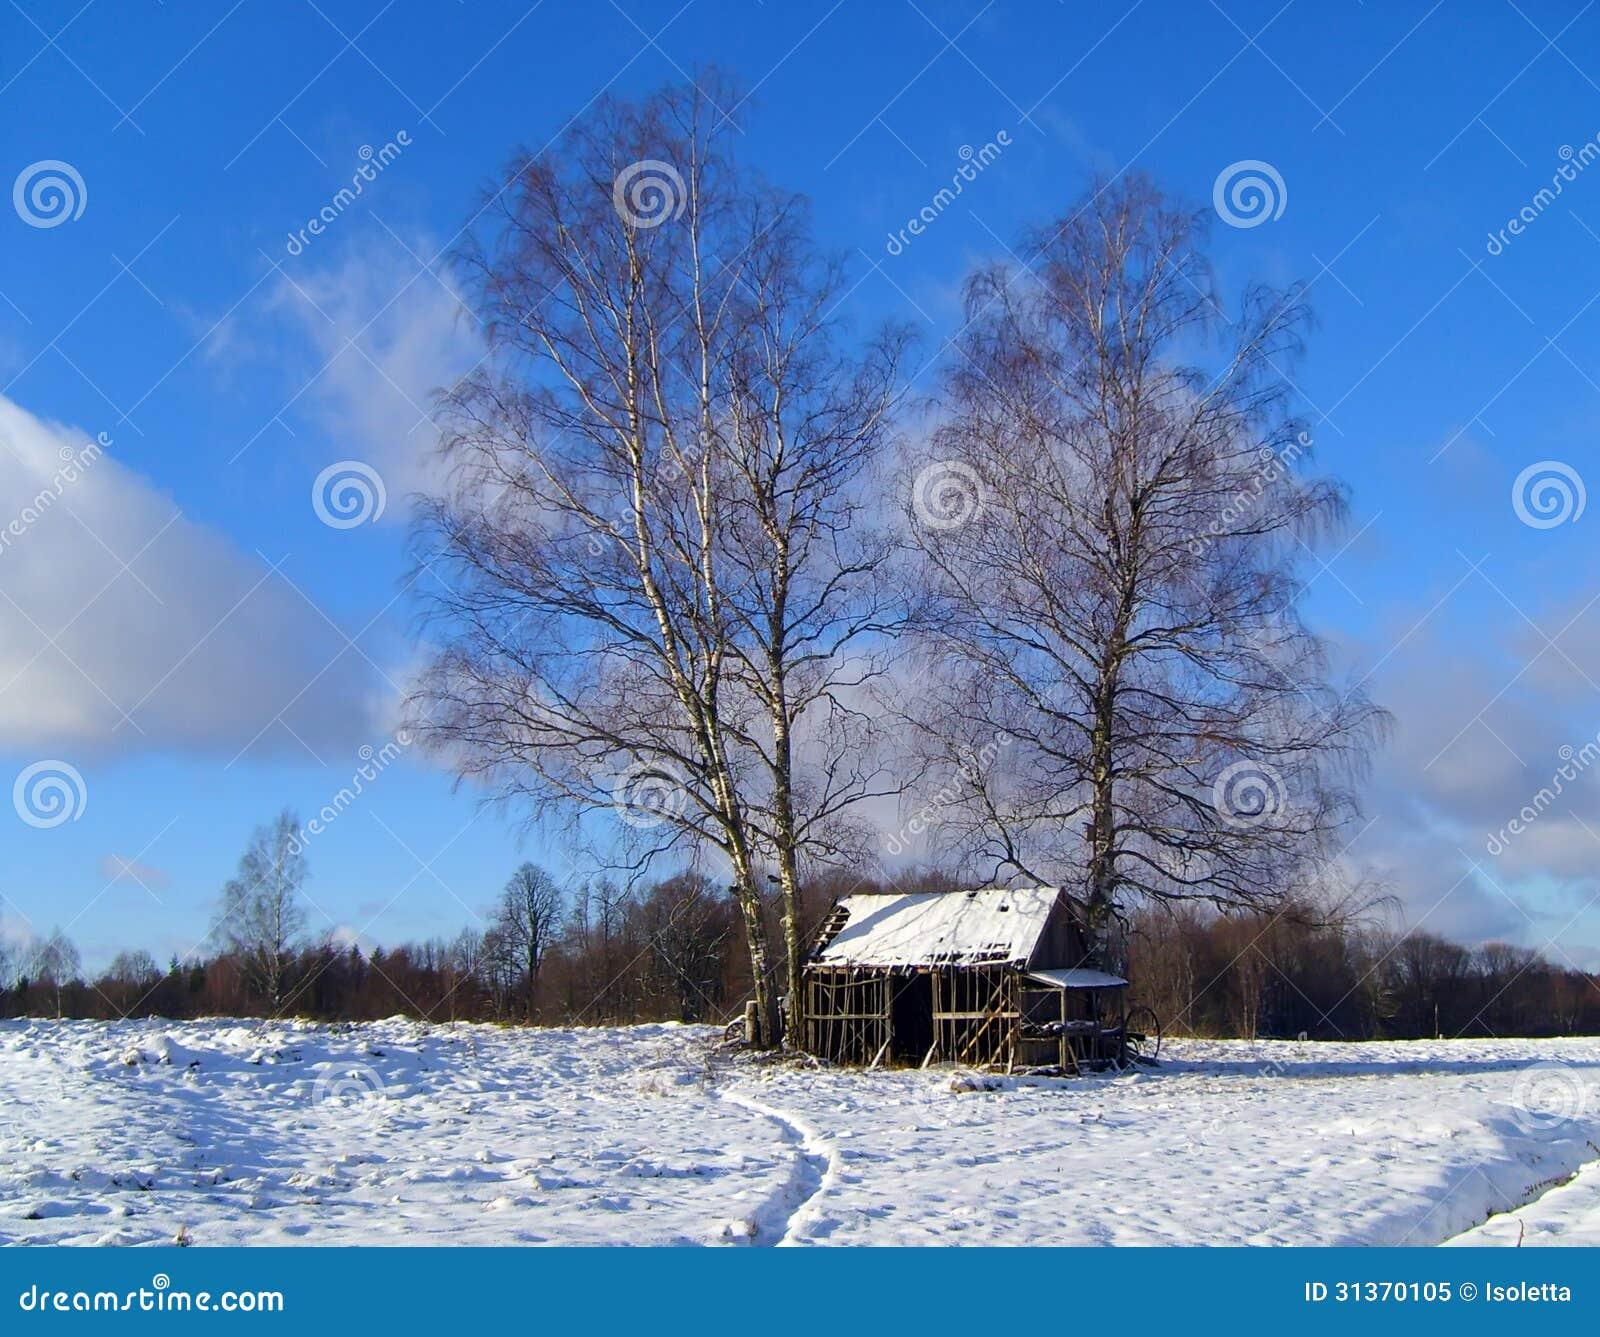 Empty Woodshed Royalty Free Stock Photo Image 31370105